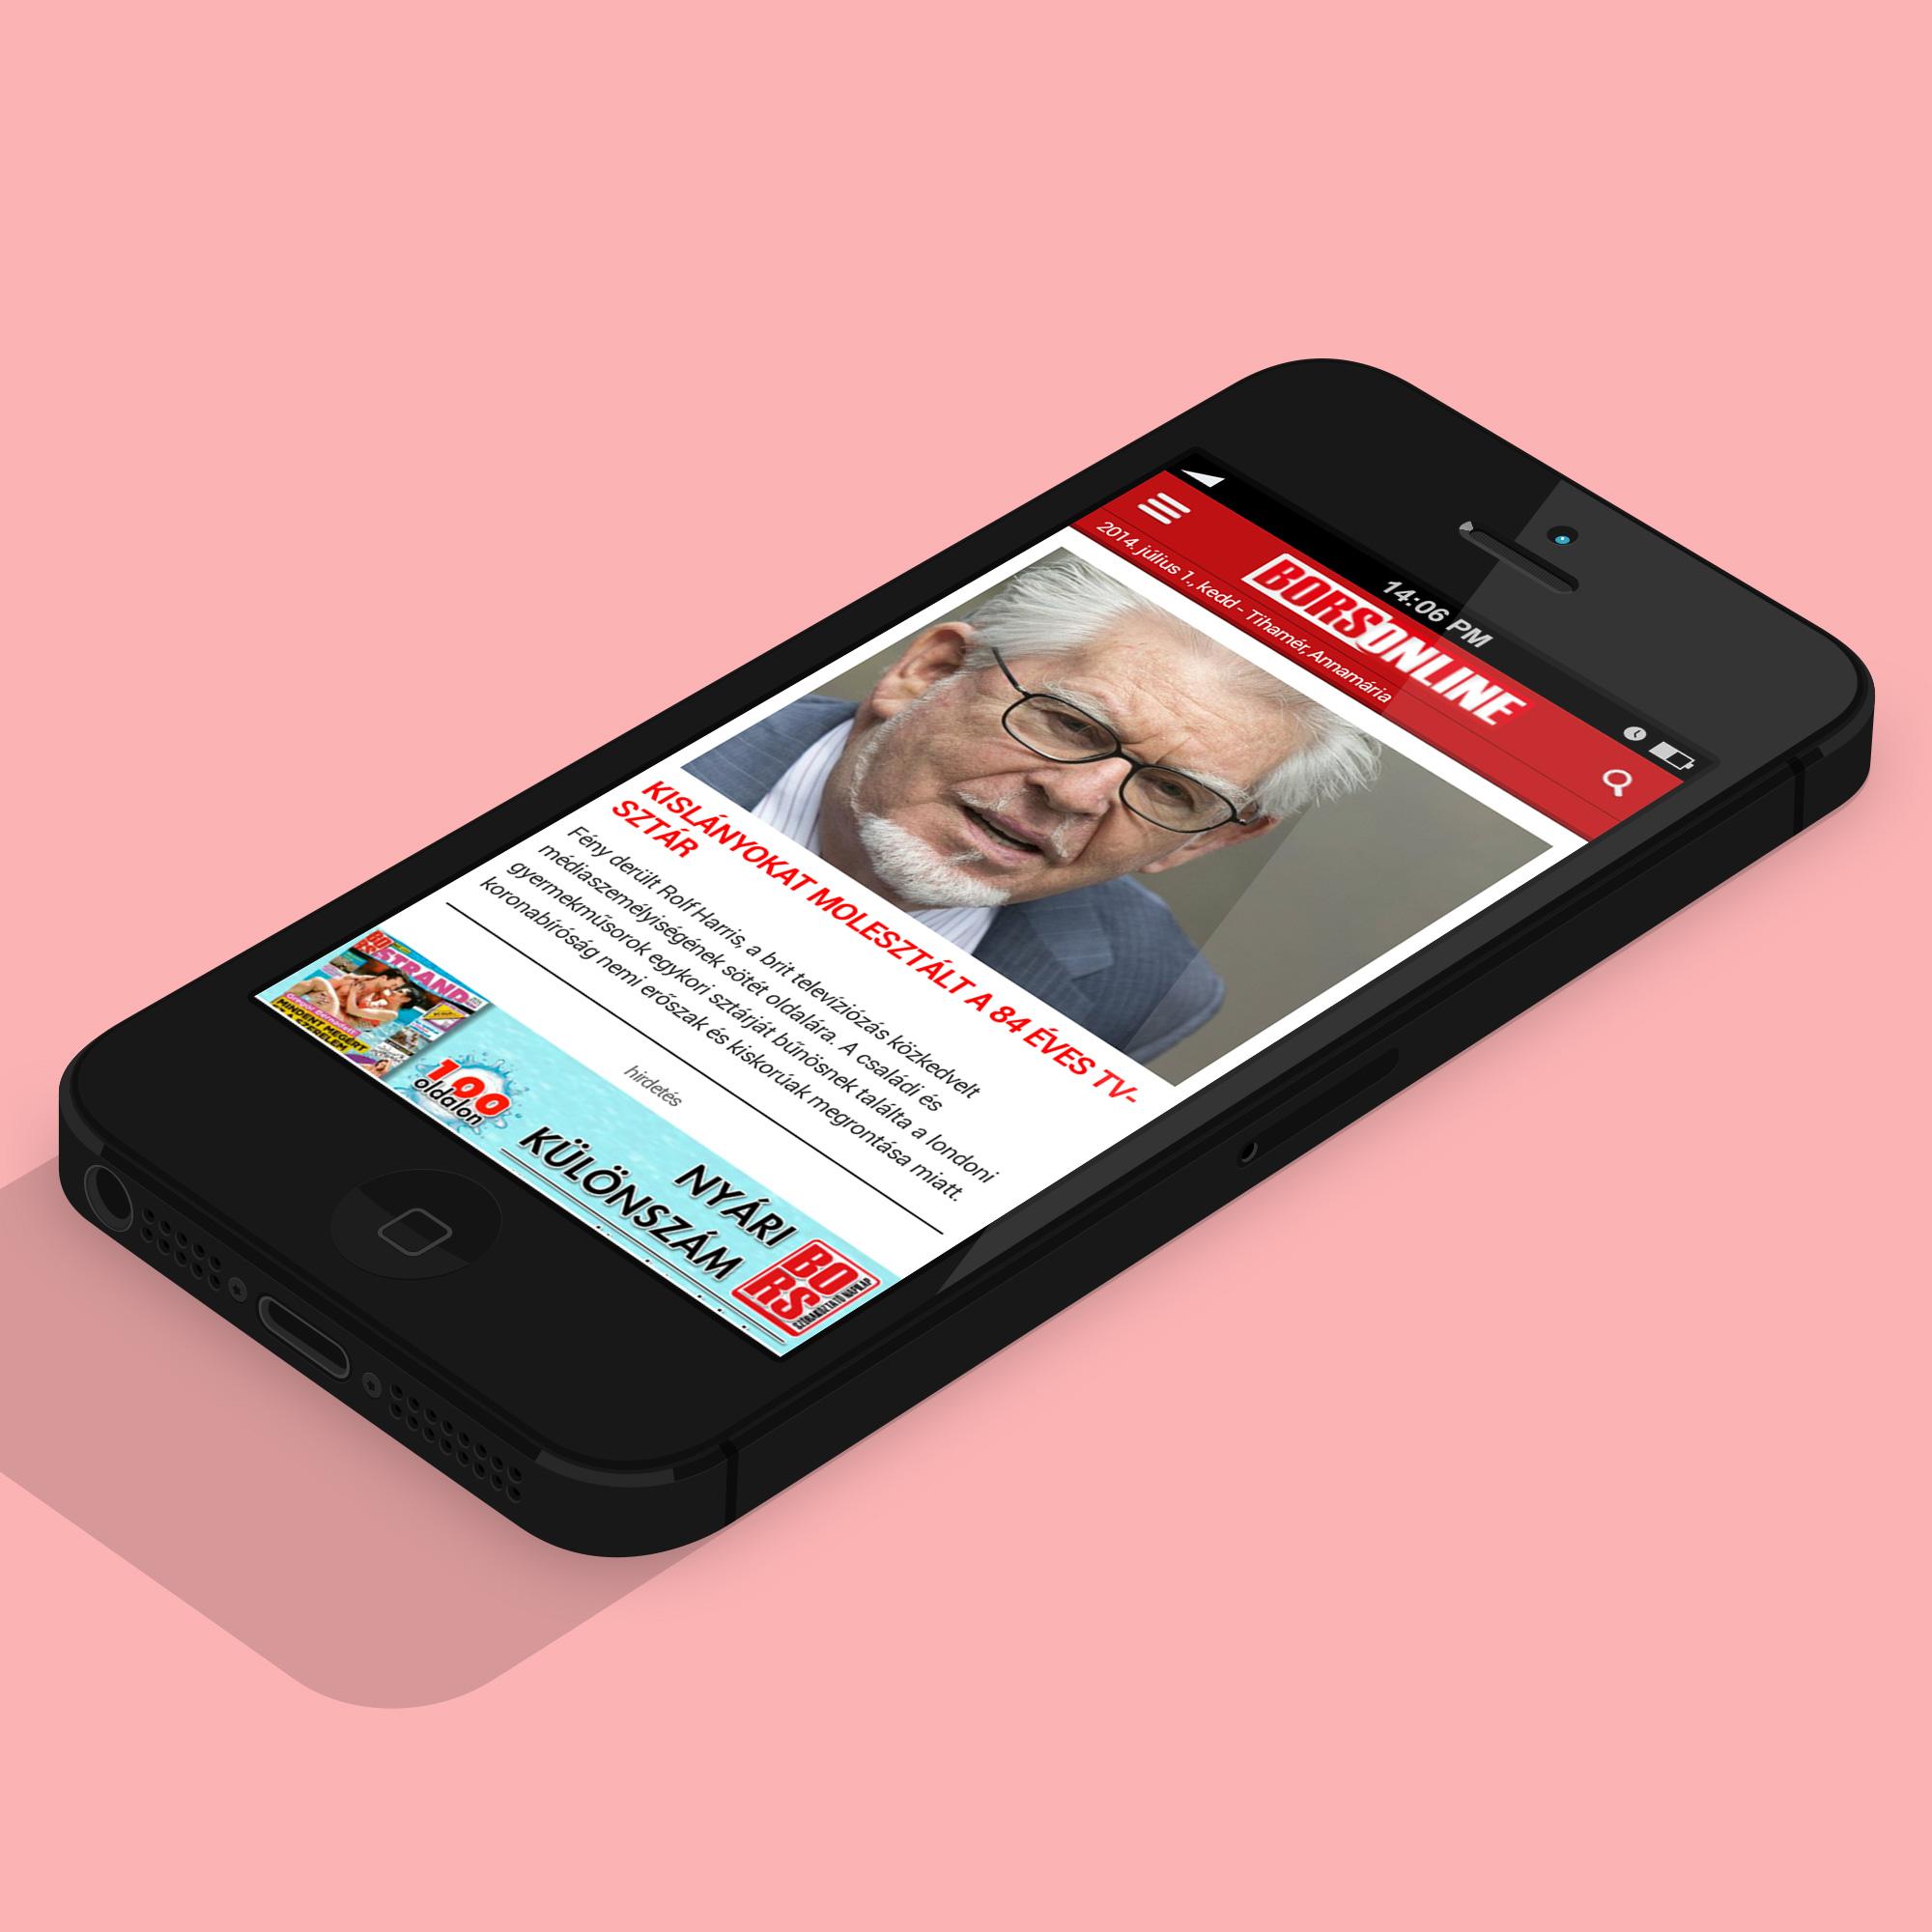 bors-iphone-icon